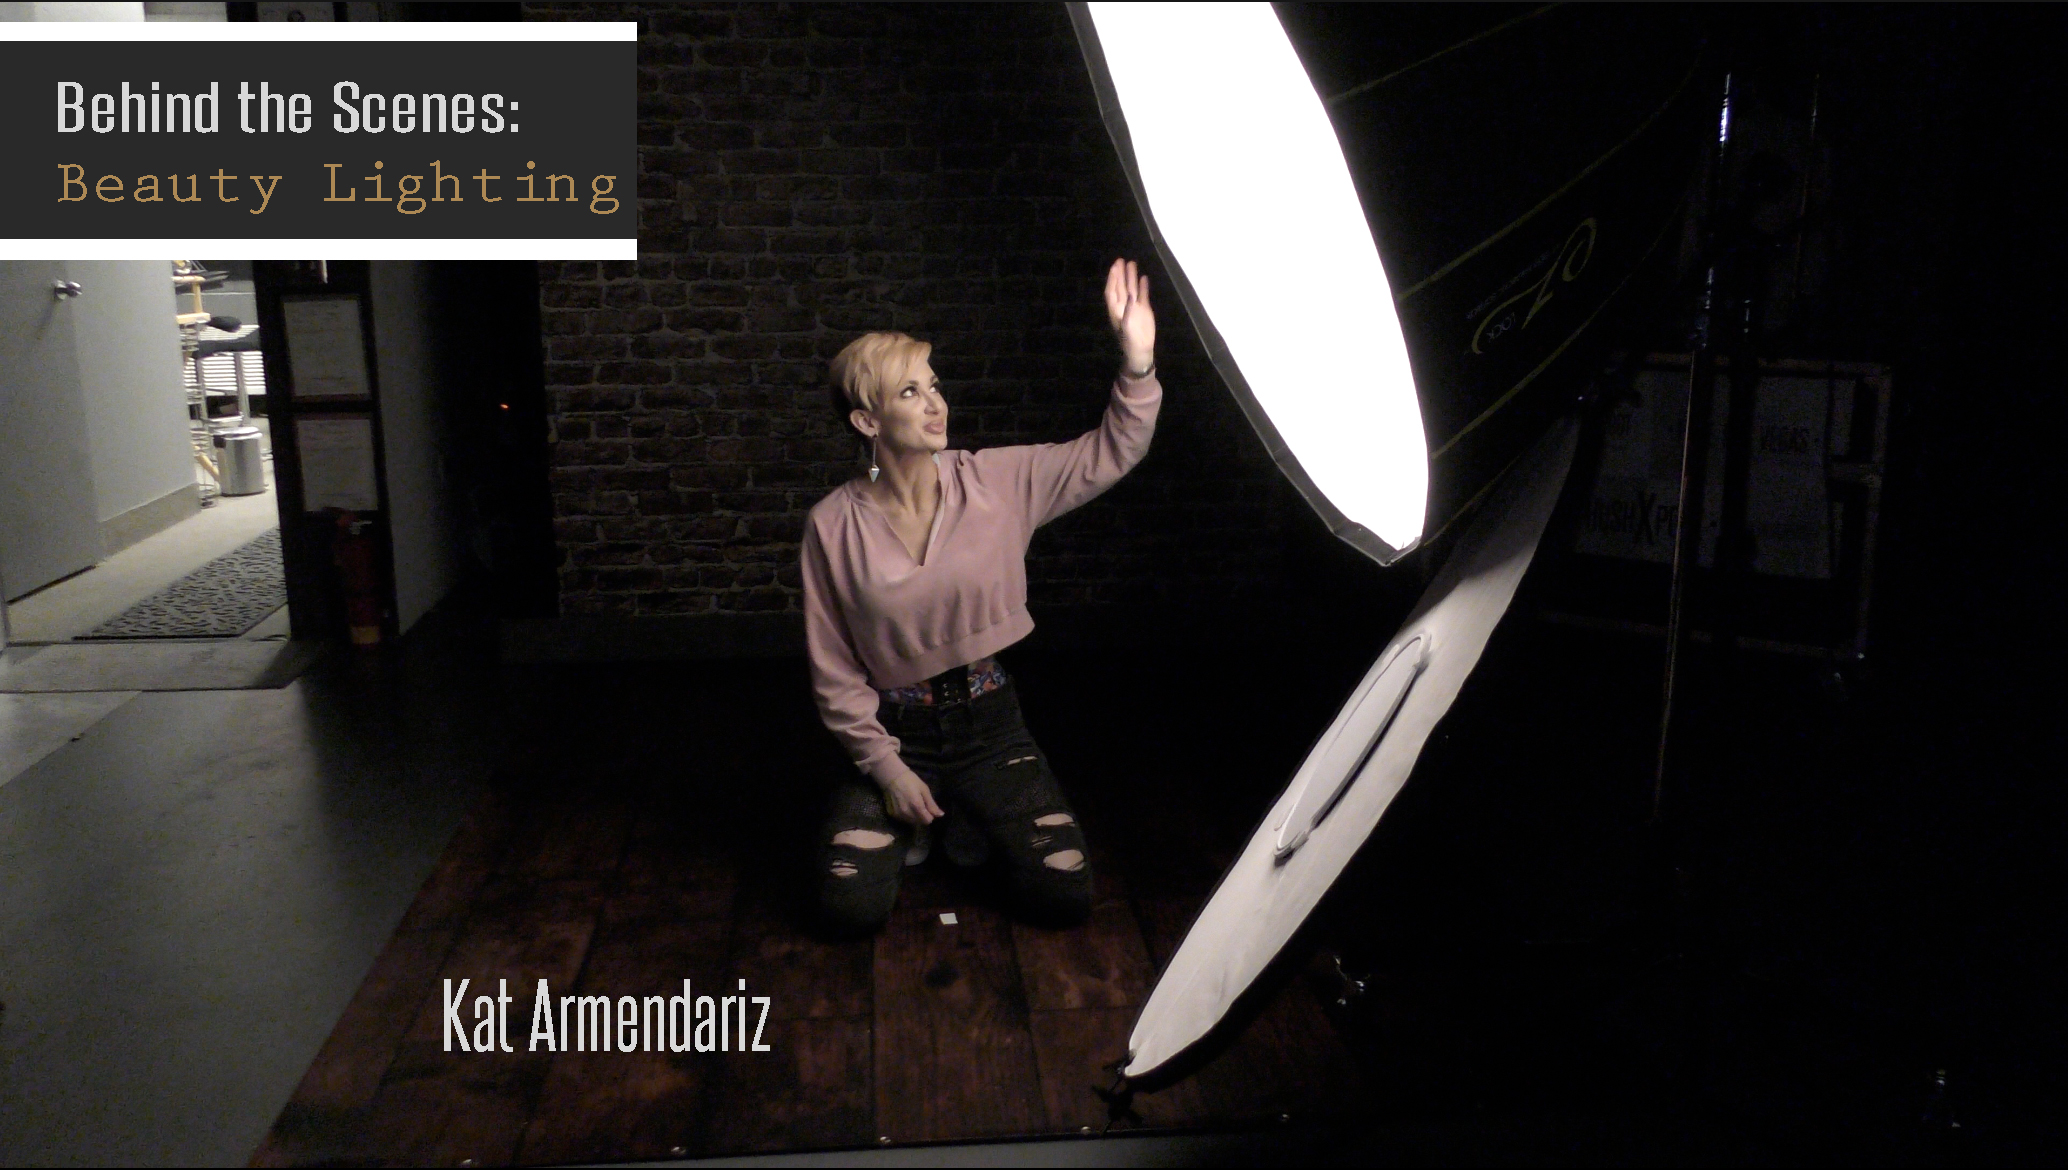 Kat Armemdariz beauty Light Click Props Backdrops 2 image